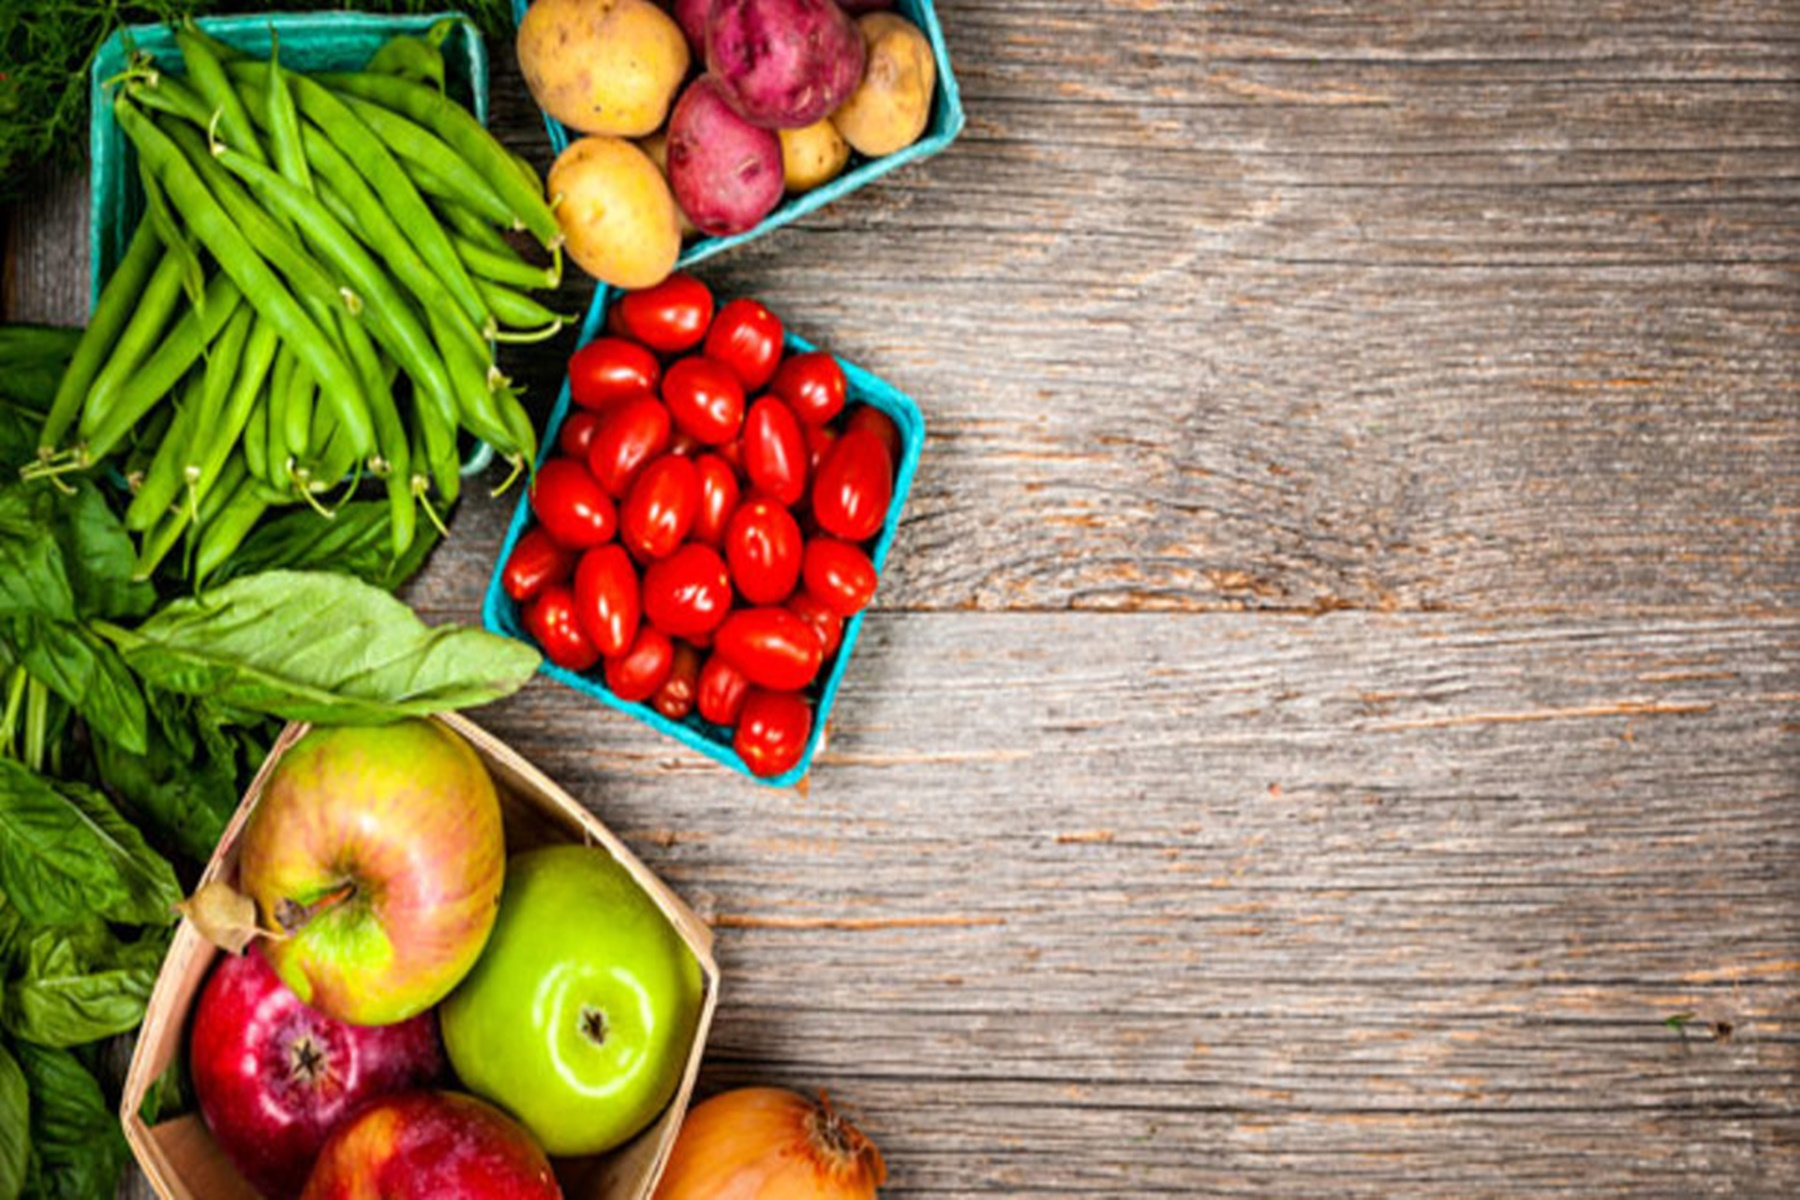 Φρούτα και λαχανικά : Η κατανάλωση τους αυξάνει το προσδόκιμο ζωής